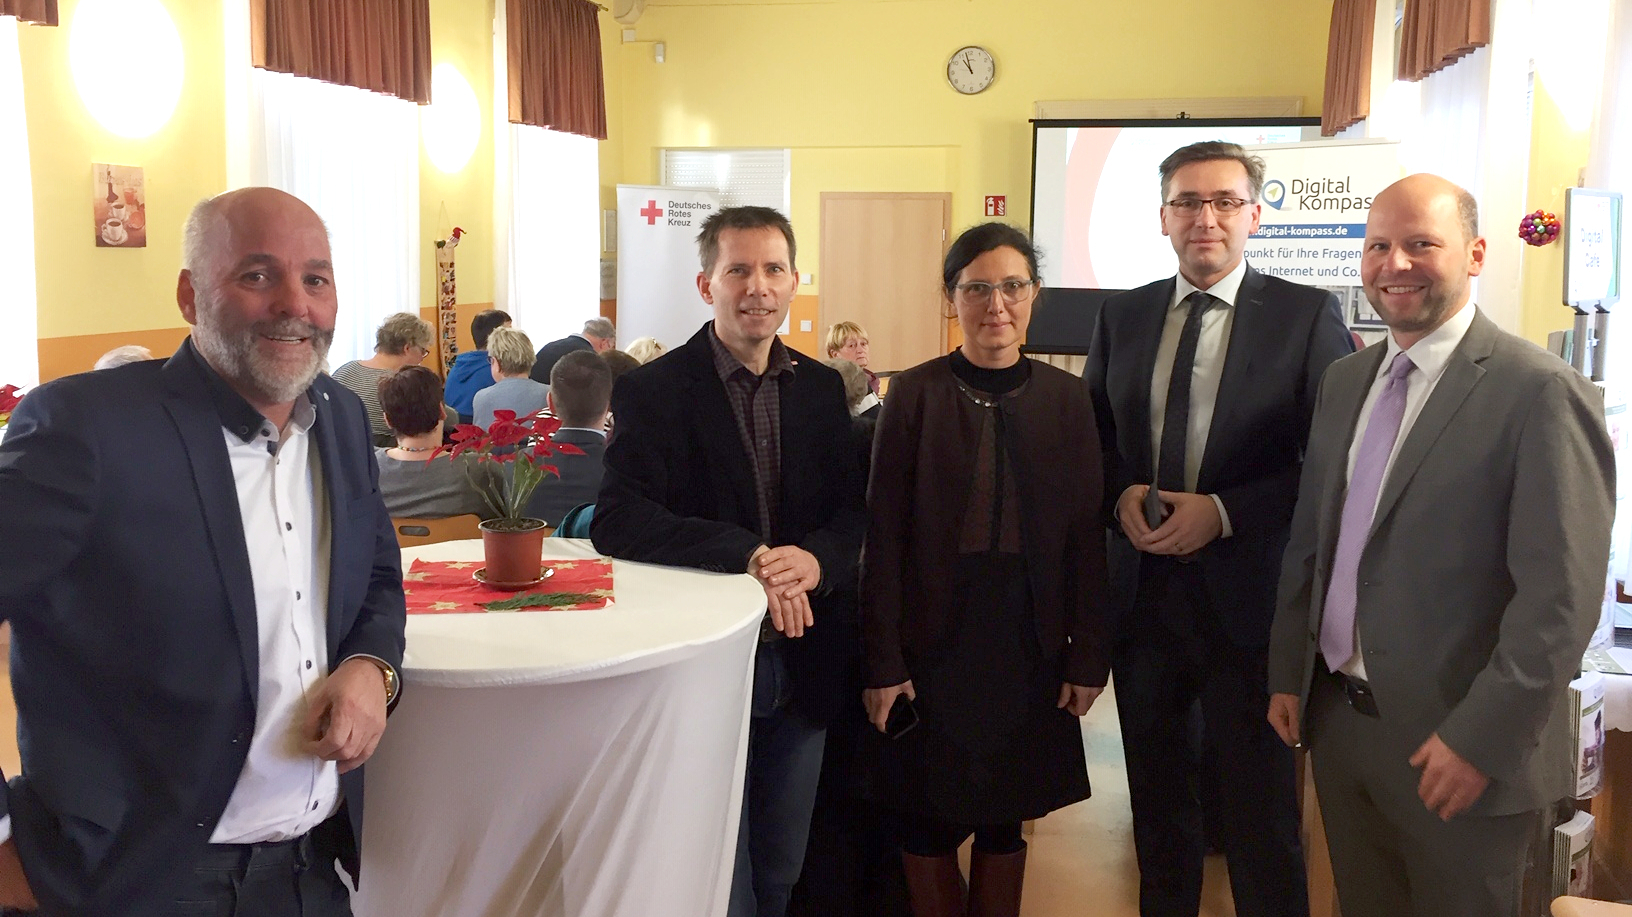 Digital-Kompass Standort Eröffnung in Wanzleben